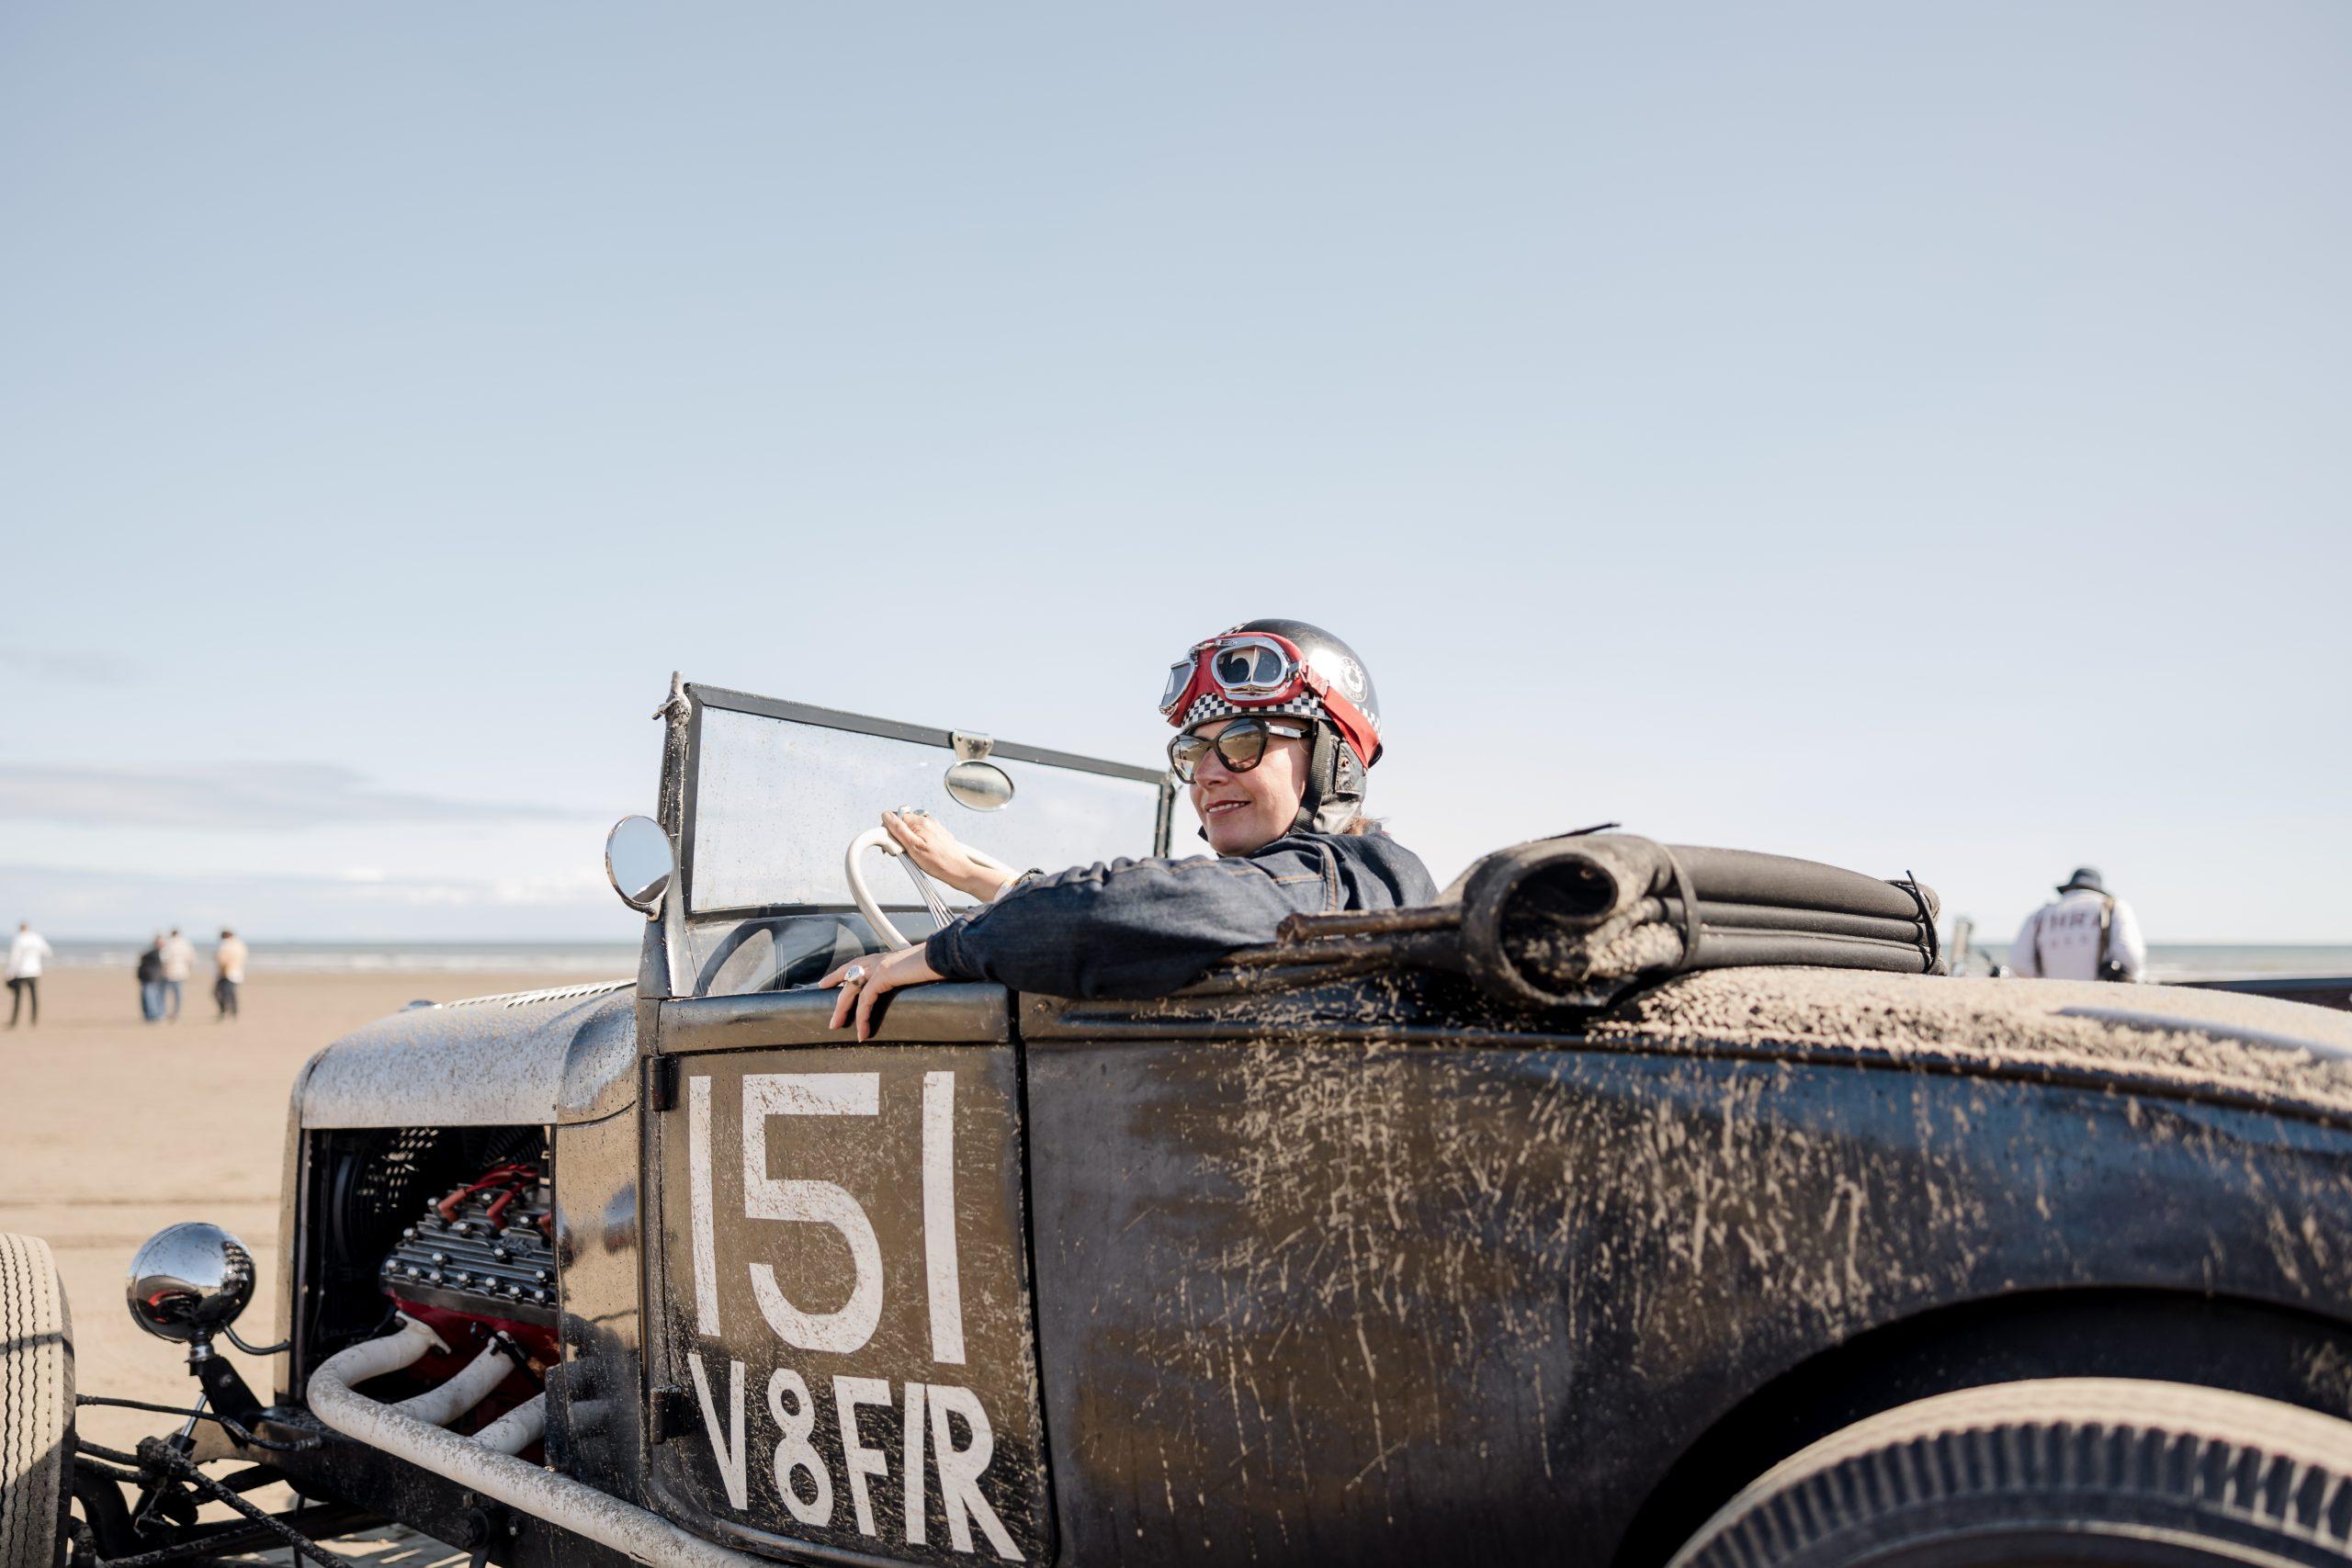 Pendine Sands hot rod racer helmet goggles